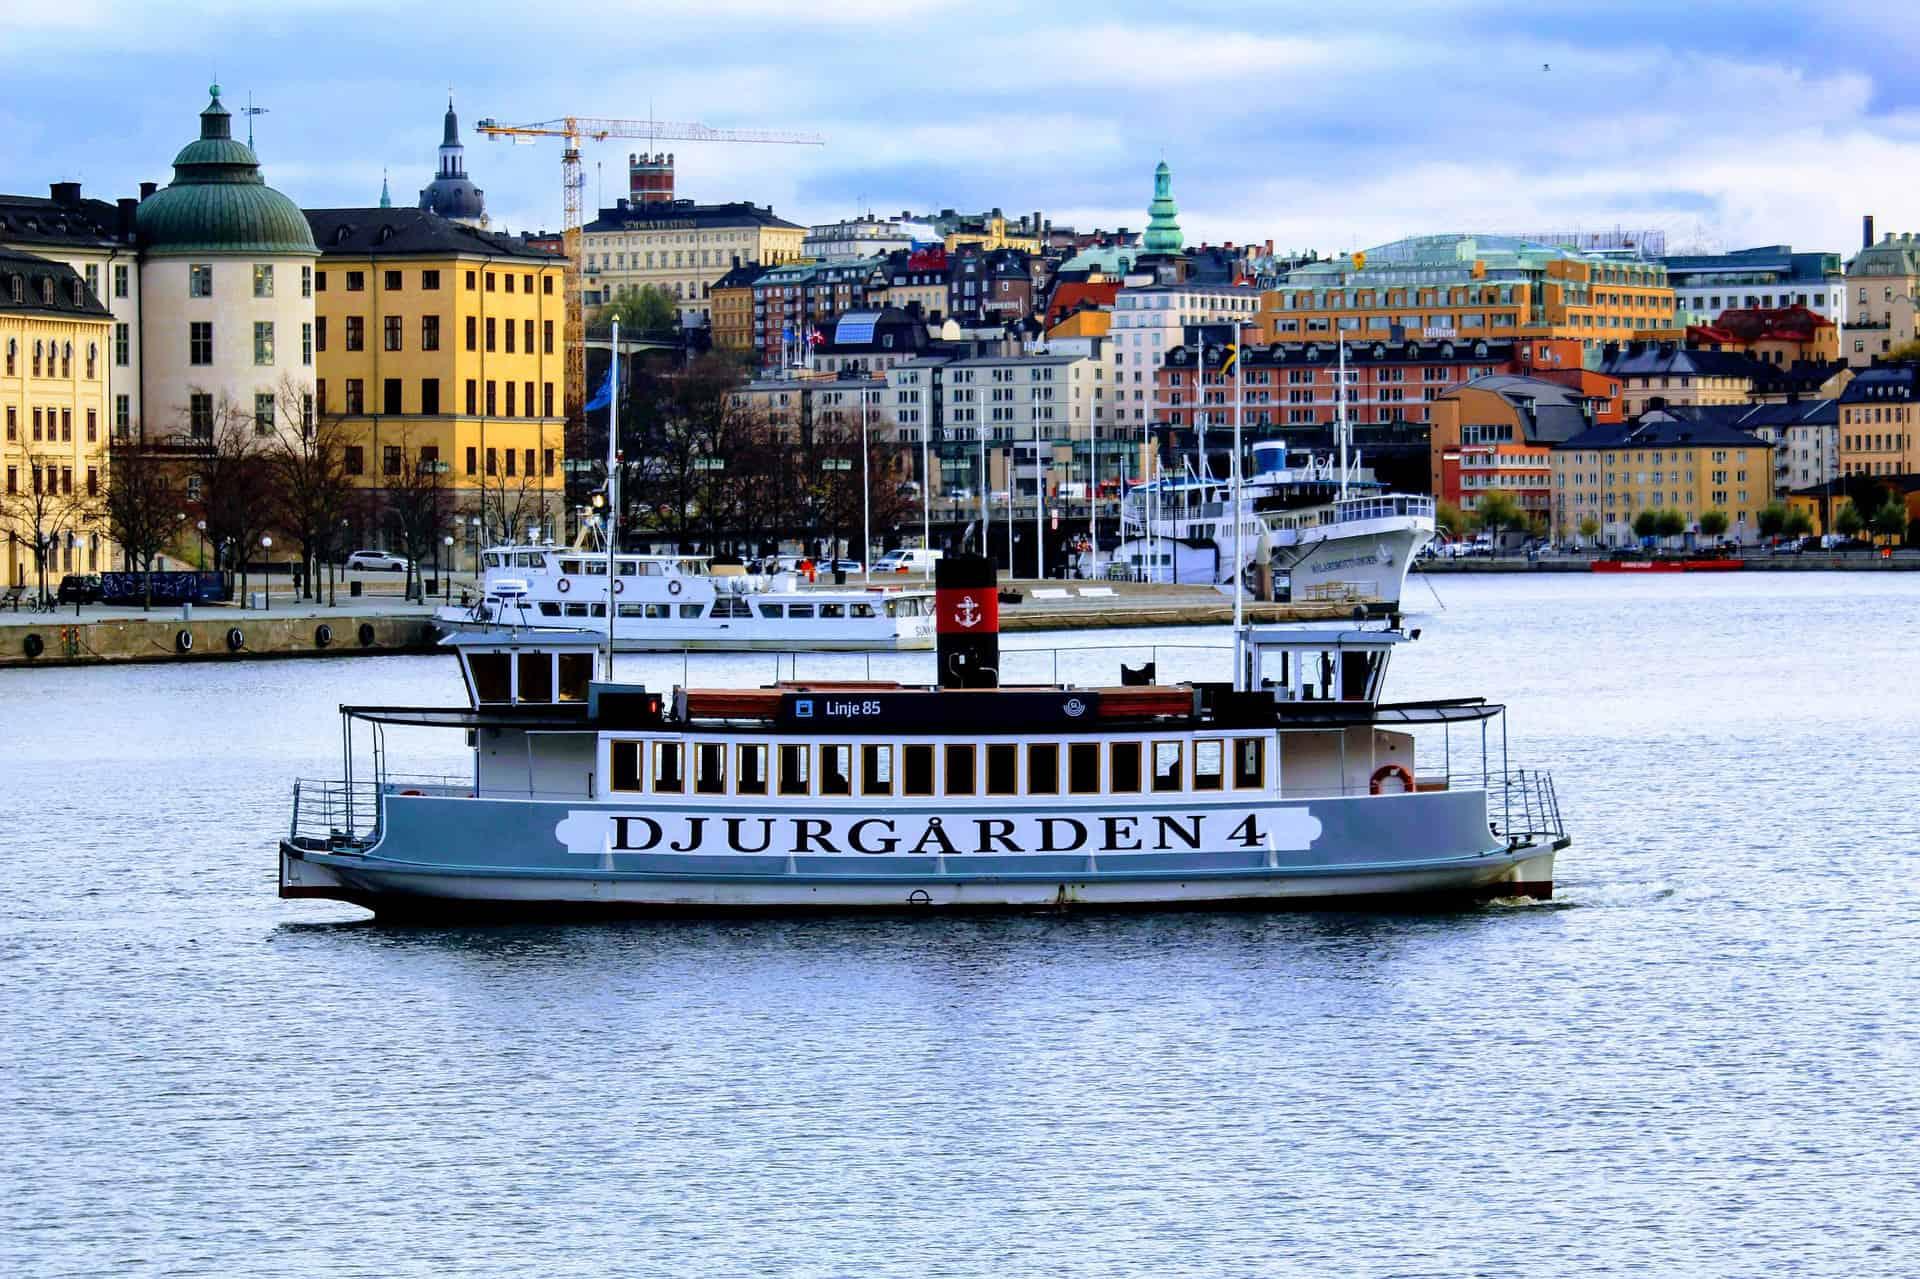 statek wycieczkowy płynący wzdłuż jednej z wysp w Sztokholmie